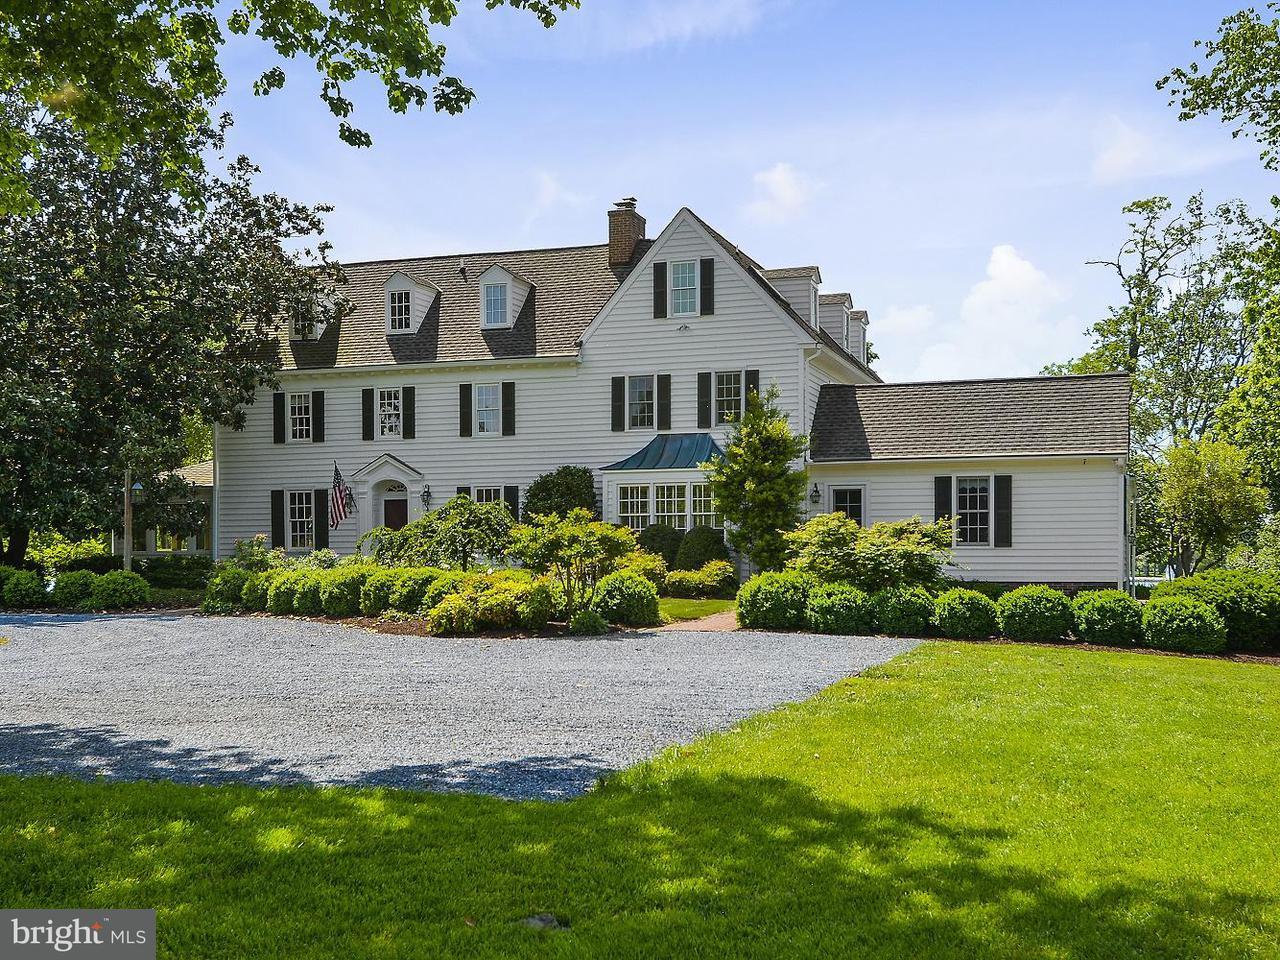 一戸建て のために 売買 アット 27134 ENNISKILLEN Road 27134 ENNISKILLEN Road Easton, メリーランド 21601 アメリカ合衆国